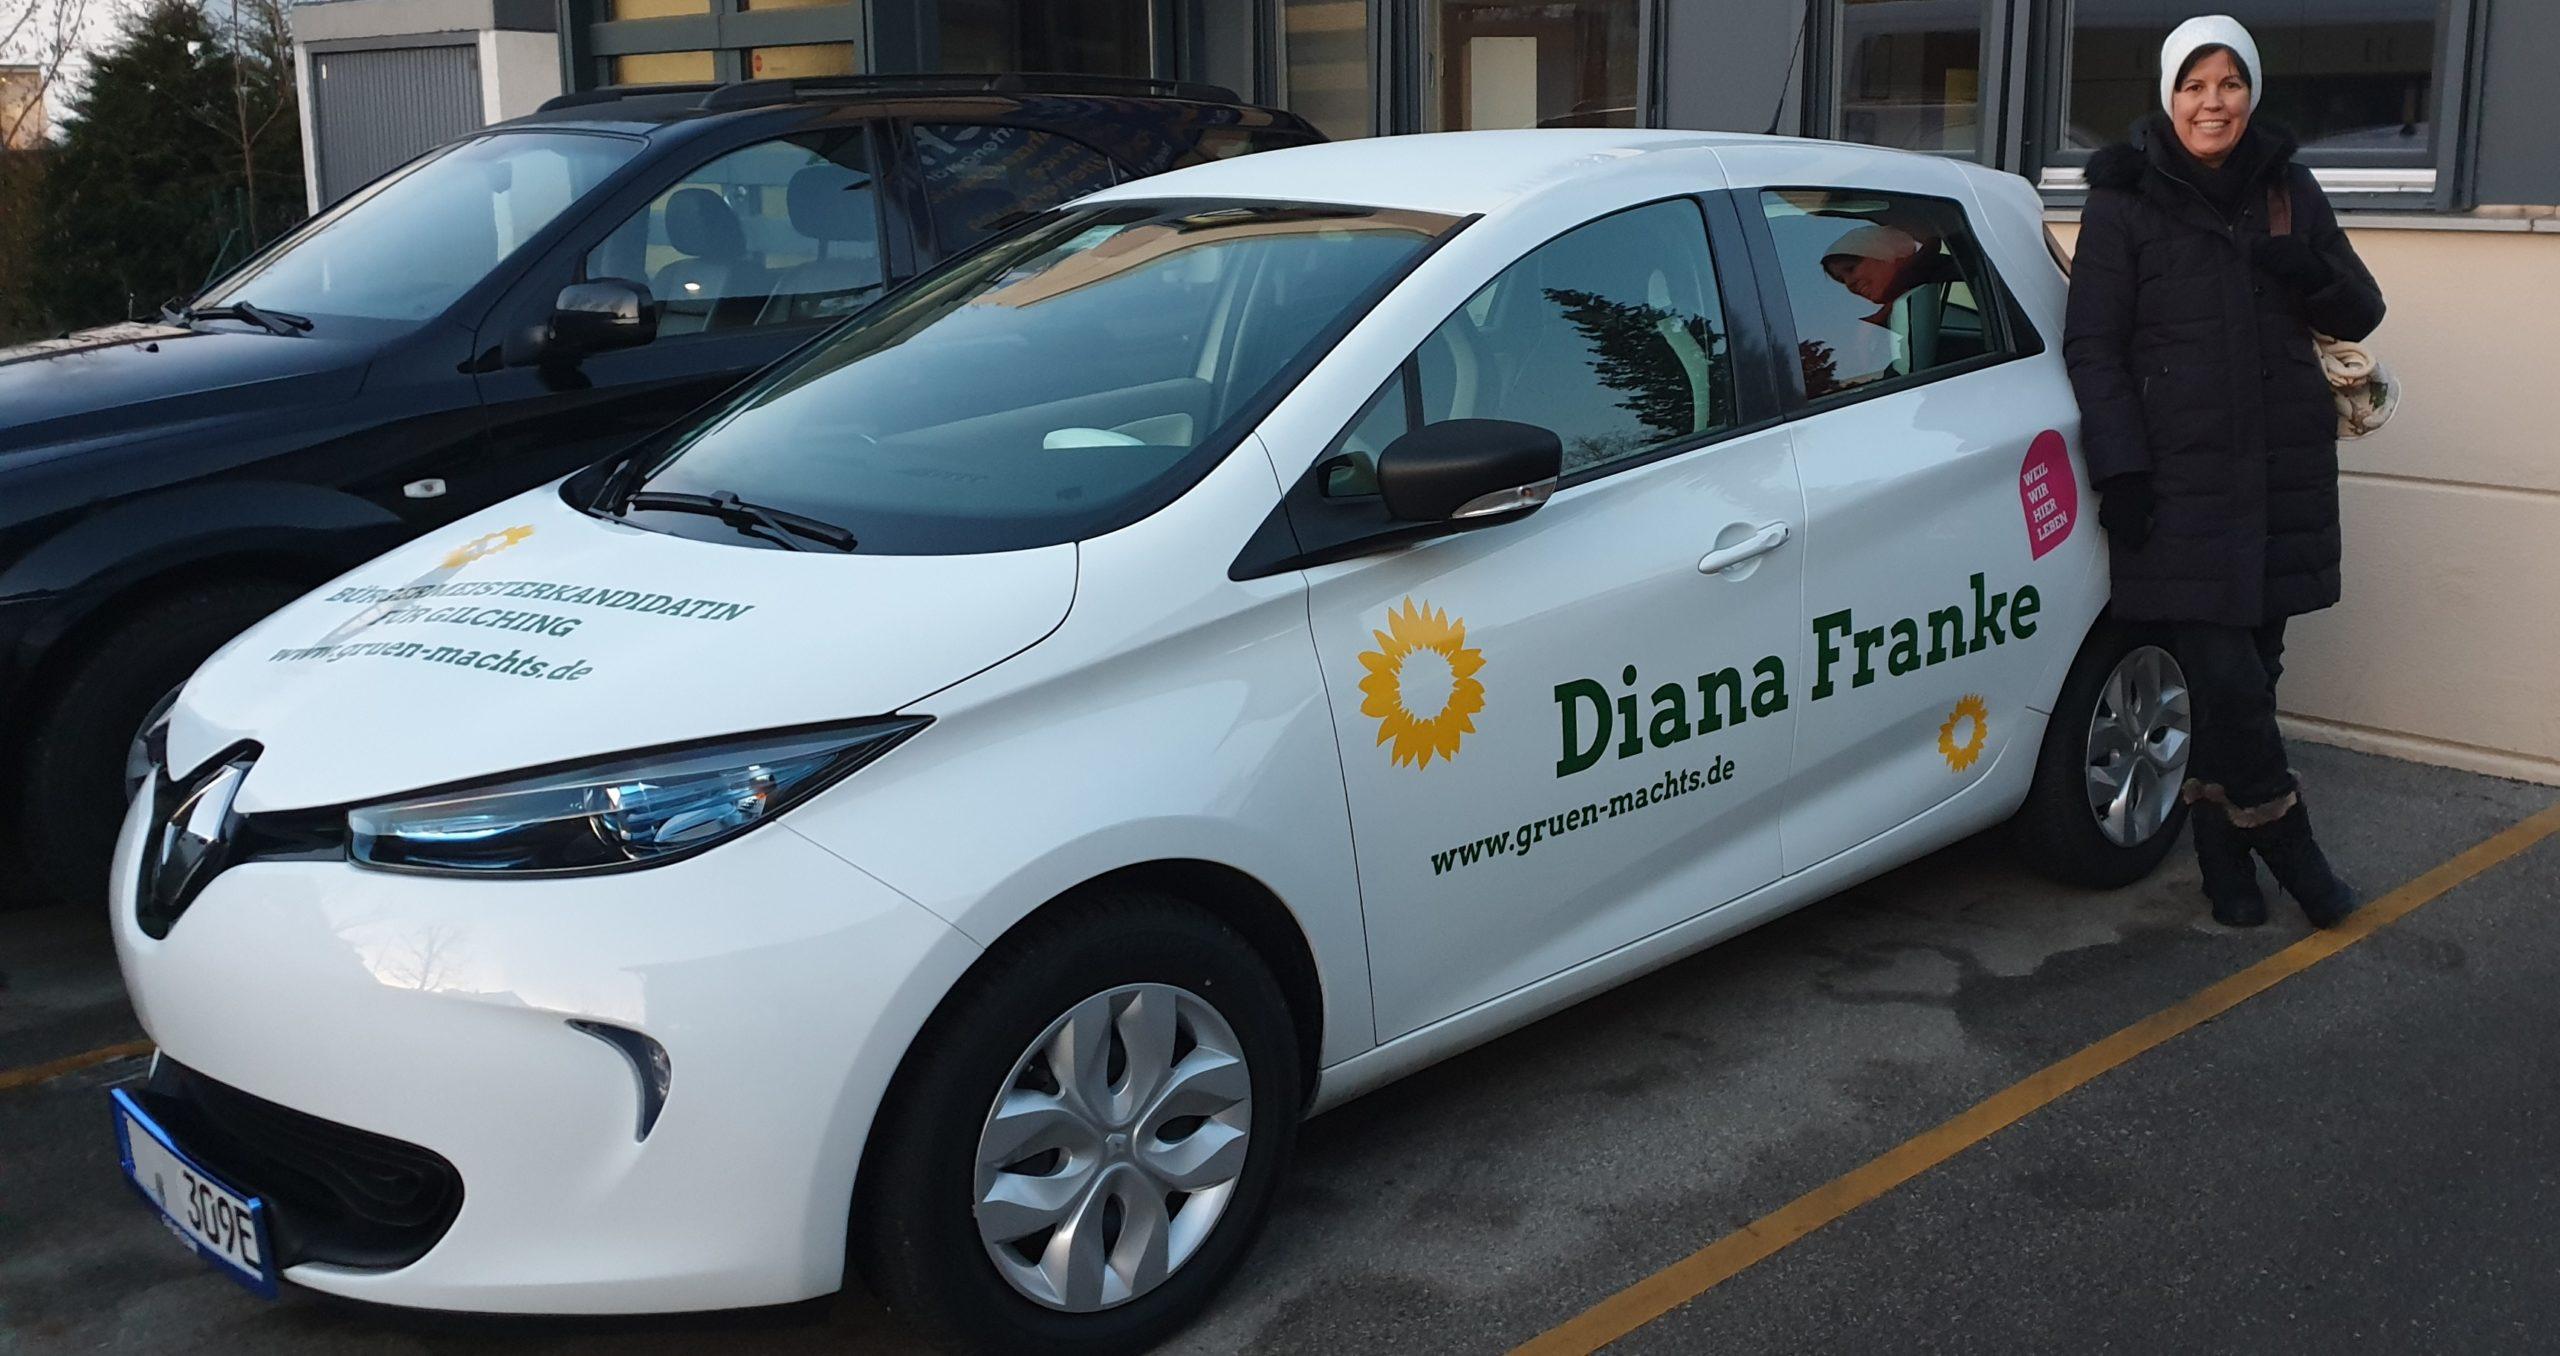 Elektroauto unserer Bürgermeisterkandidatin Diana Franke als Werbefläche für den Wahlkampf